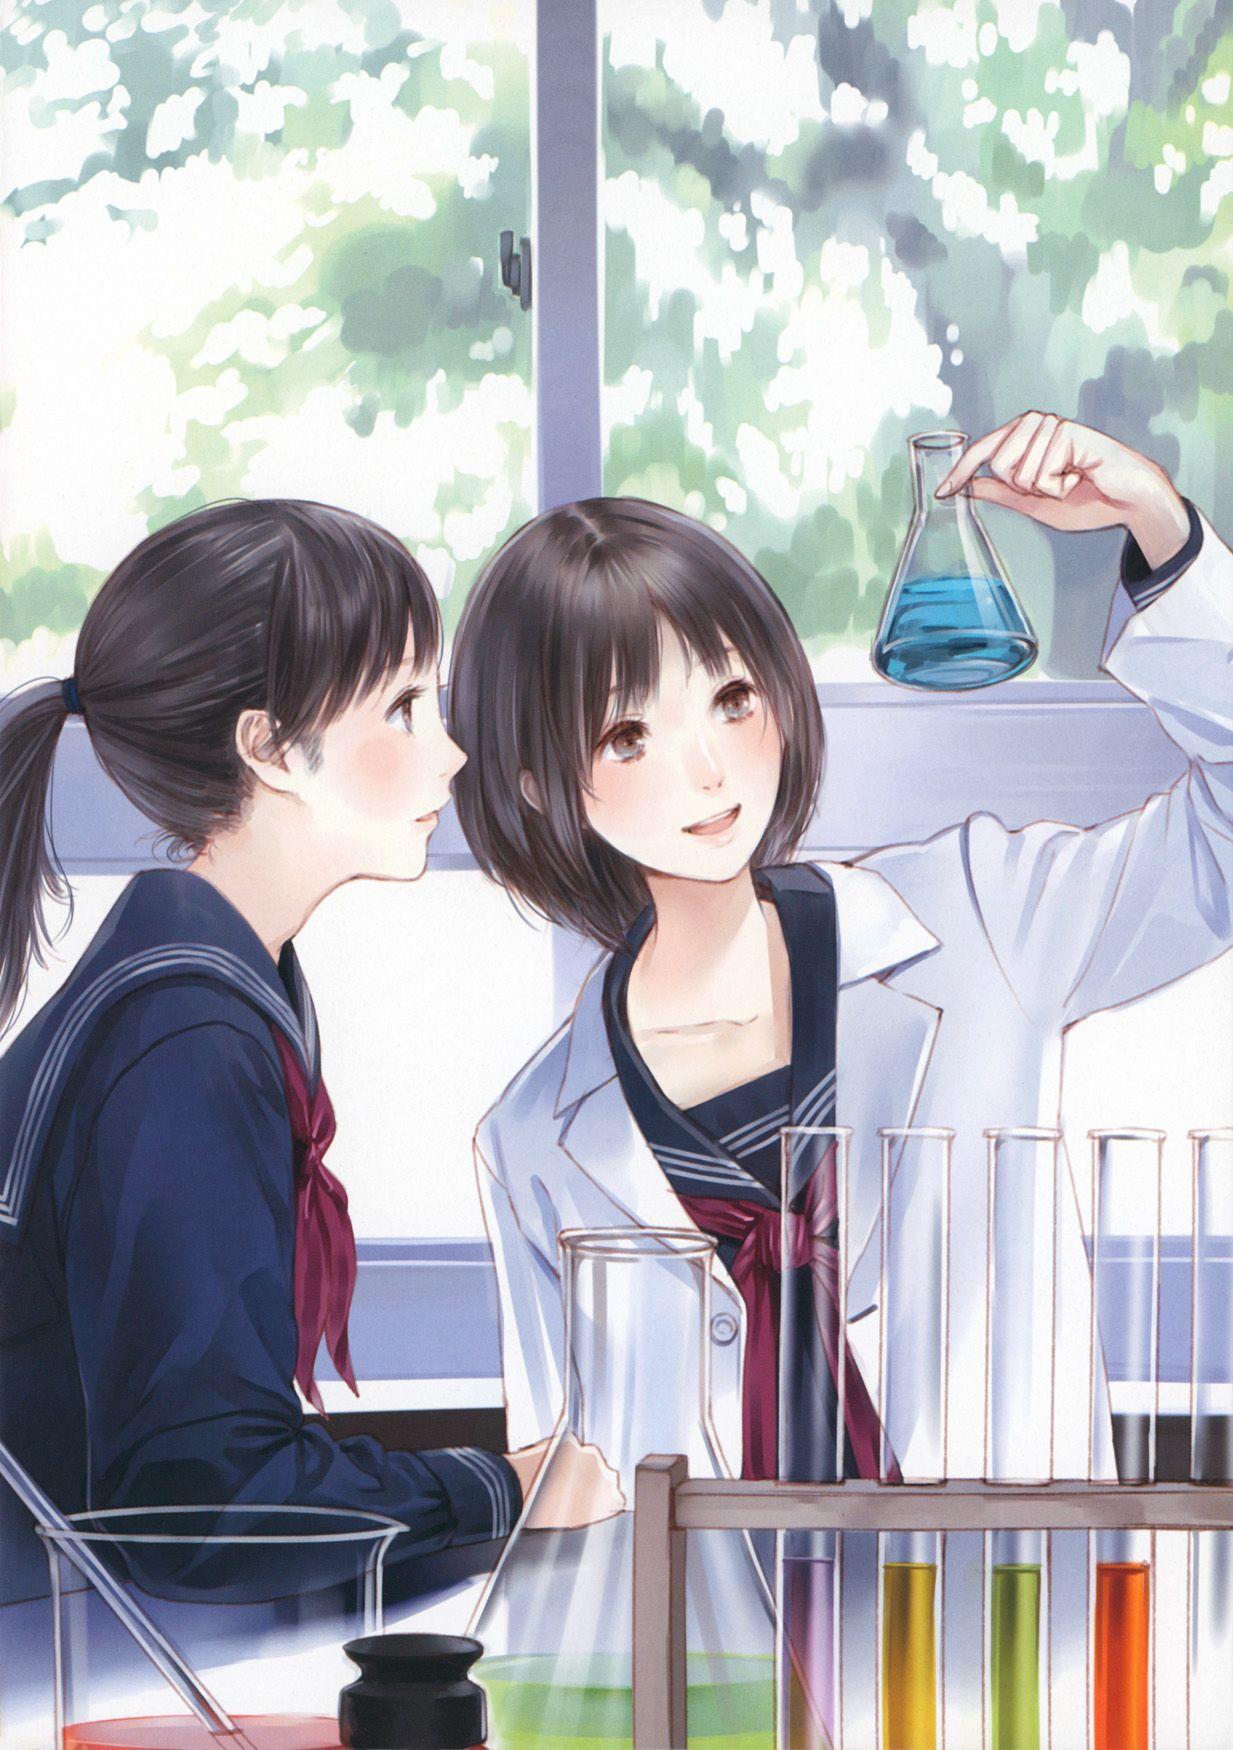 ปักพินในบอร์ด Anime